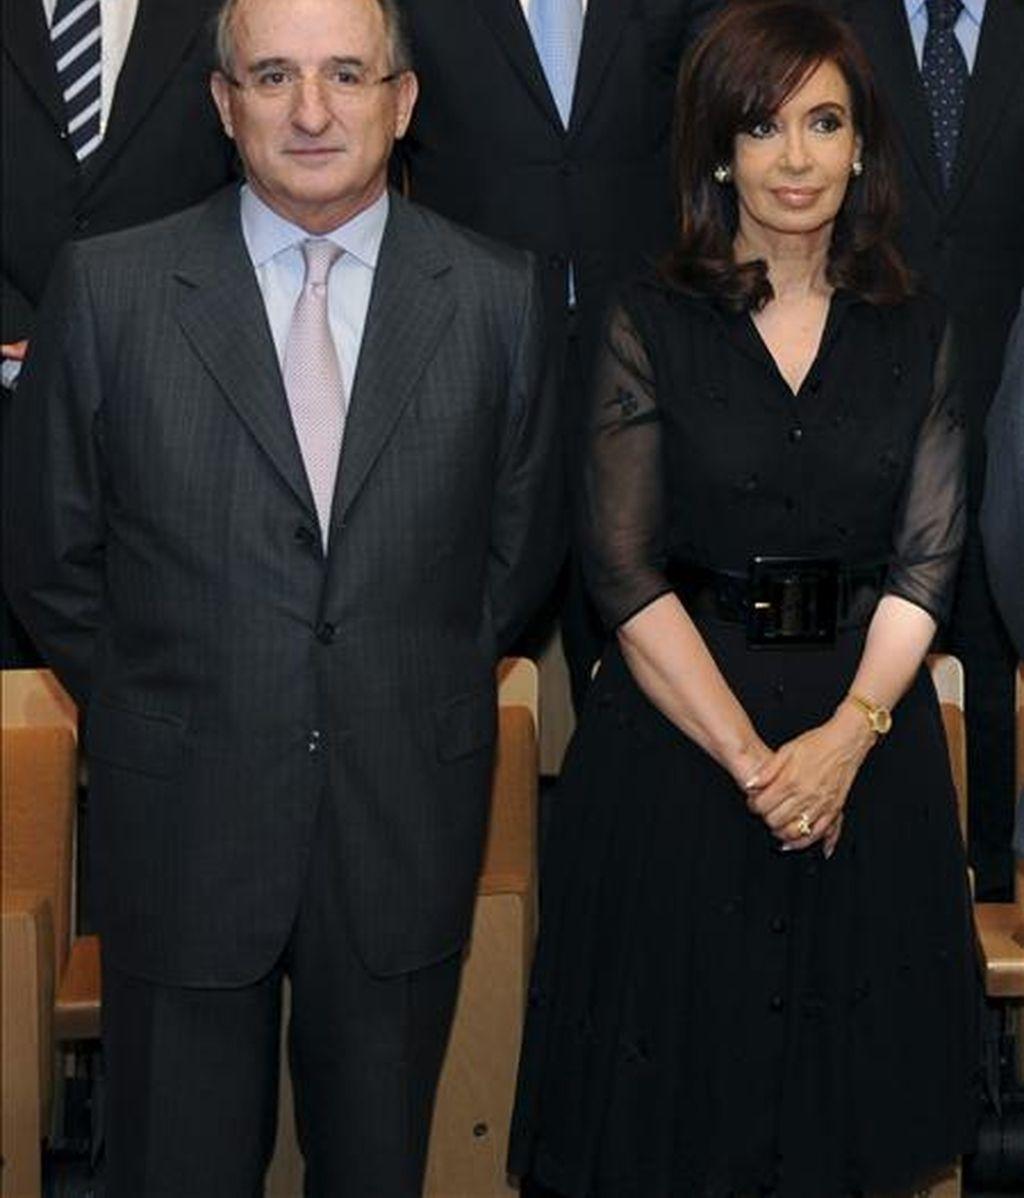 Imagen facilitada por el departamento de prensa de Repsol, de la presidenta de Argentina, Cristina Fernández Kichner y del presidente de Repsol YPF, Antonio Brufau, durante el acto en el que la petrolera argentina YPF anunció el hallazgo de gas no convencional. EFE